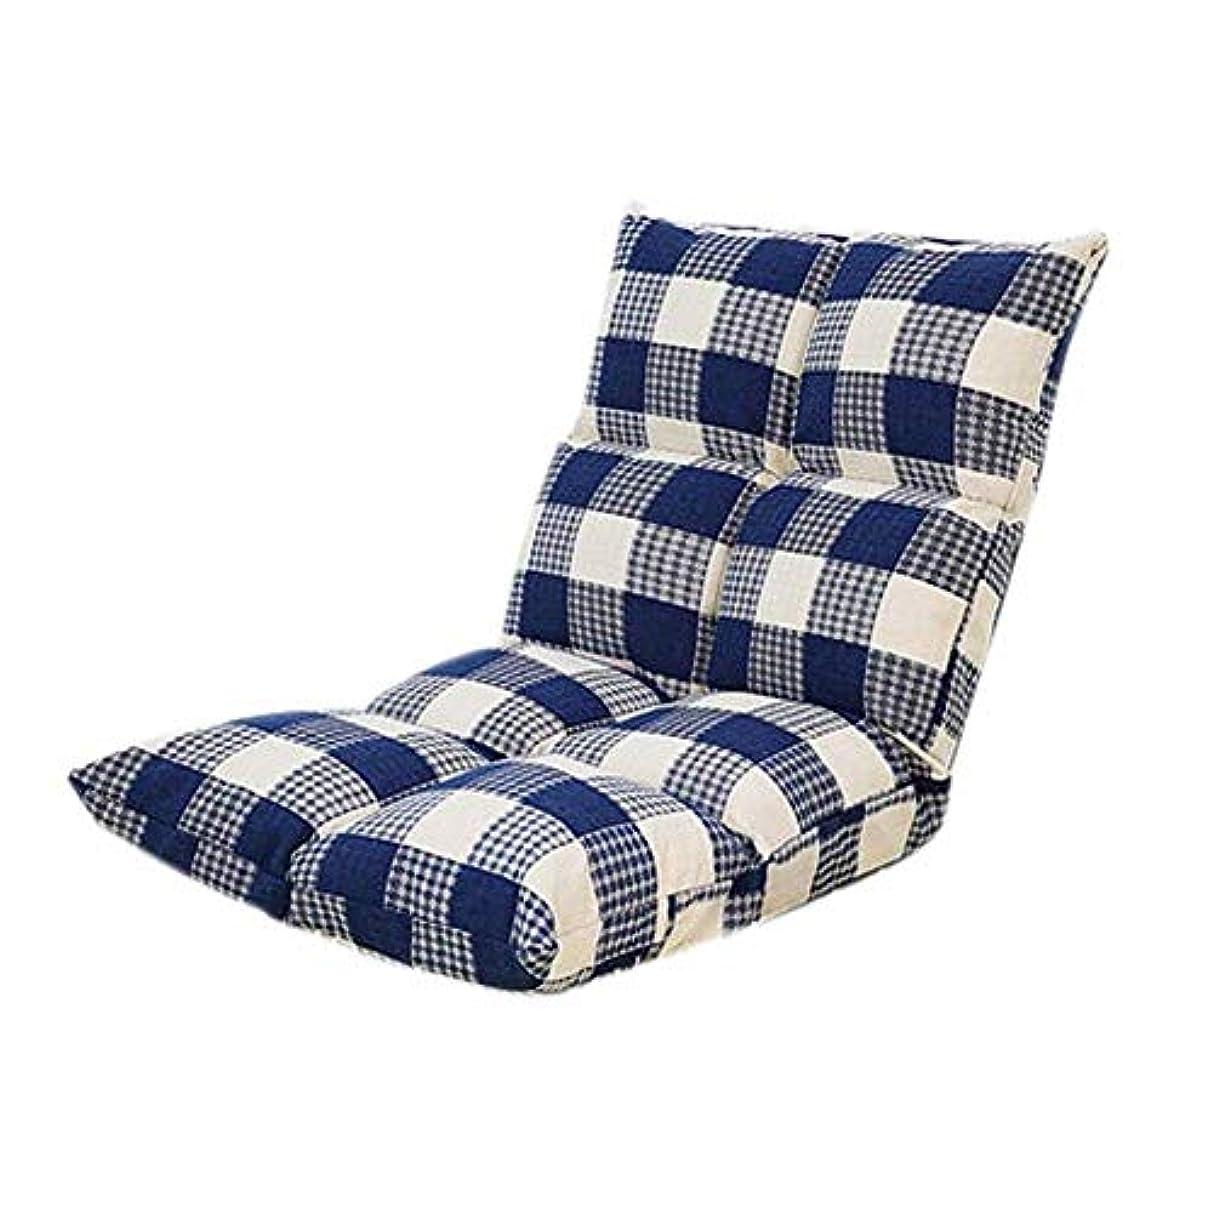 不安完全に乾くブローホール怠zyなフロアチェア、畳クッション、シングルメディテーションチェア、背もたれ一体型フロアクッション、折りたたみ式厚手バルコニー和風、調節可能な椅子怠Adjustなソファゲームチェア (Color : 青)